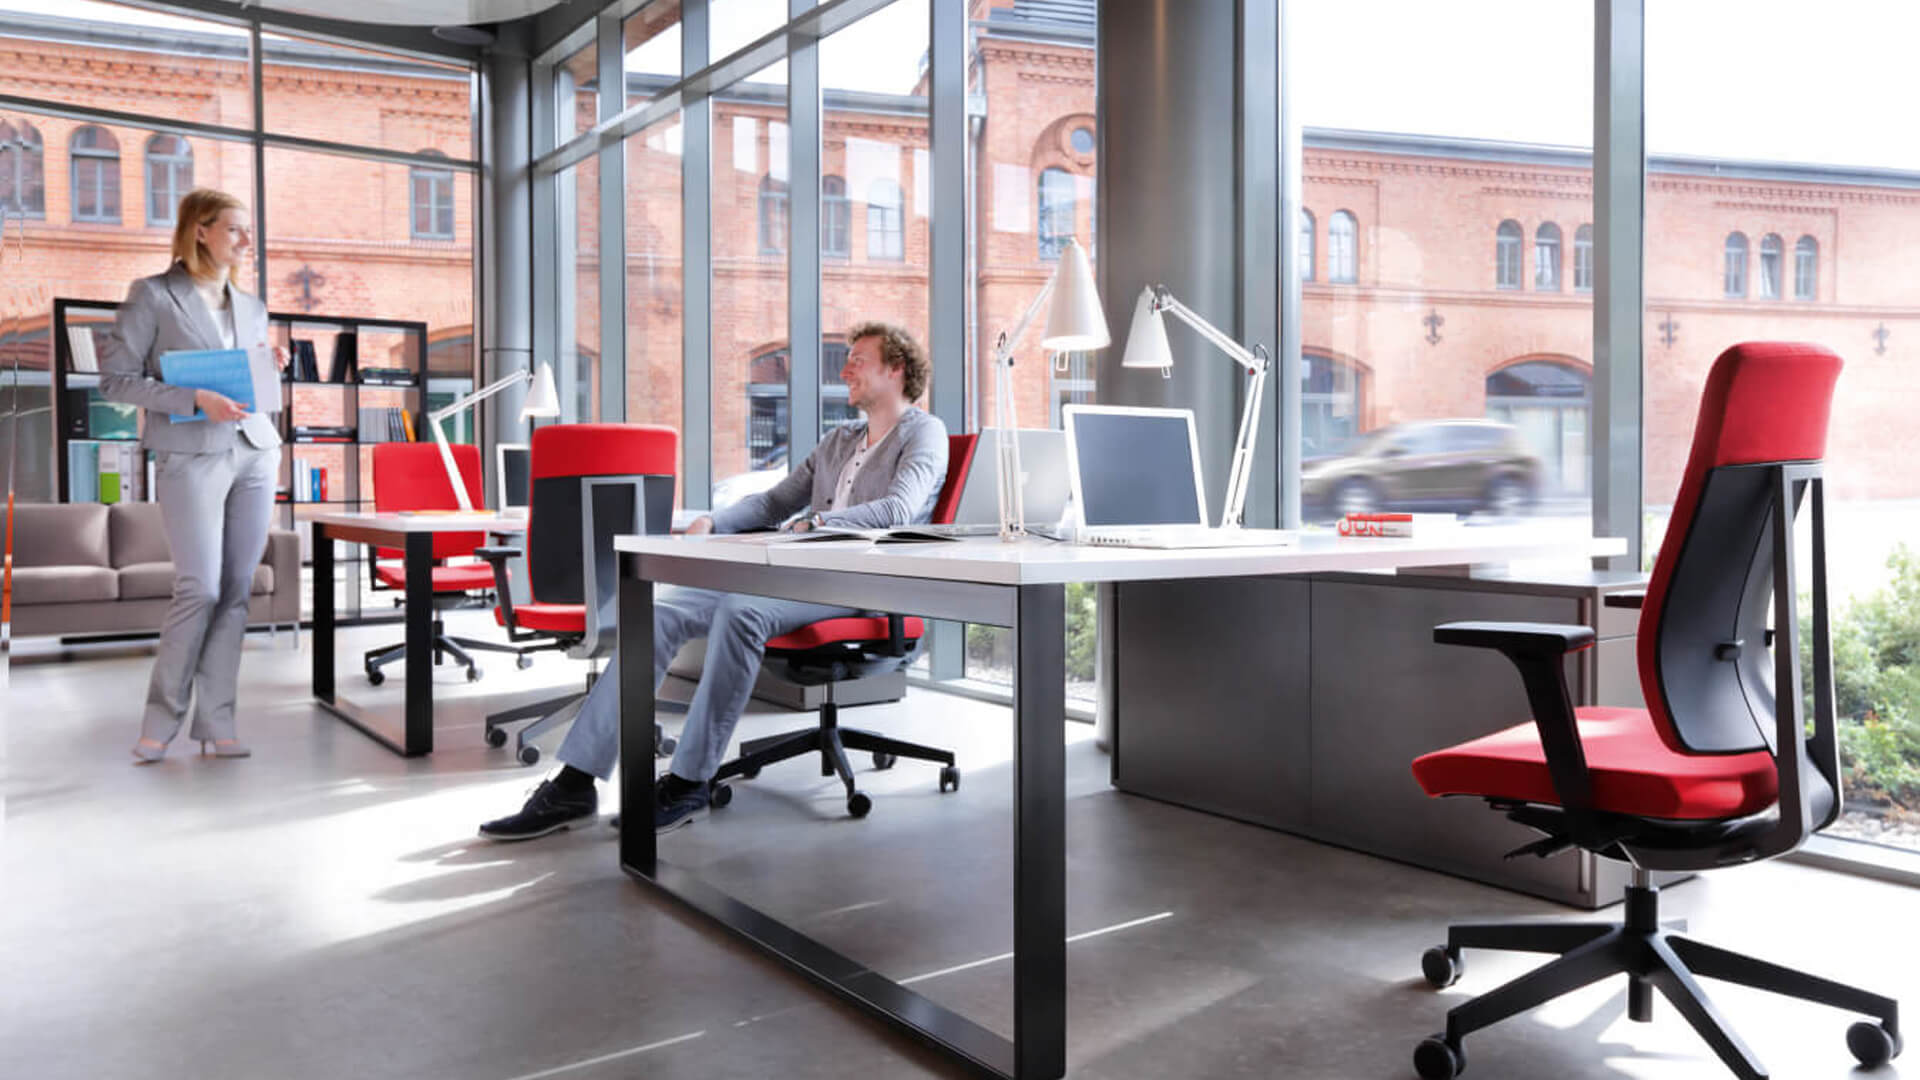 spotkanie dwoja pracowników w biurze